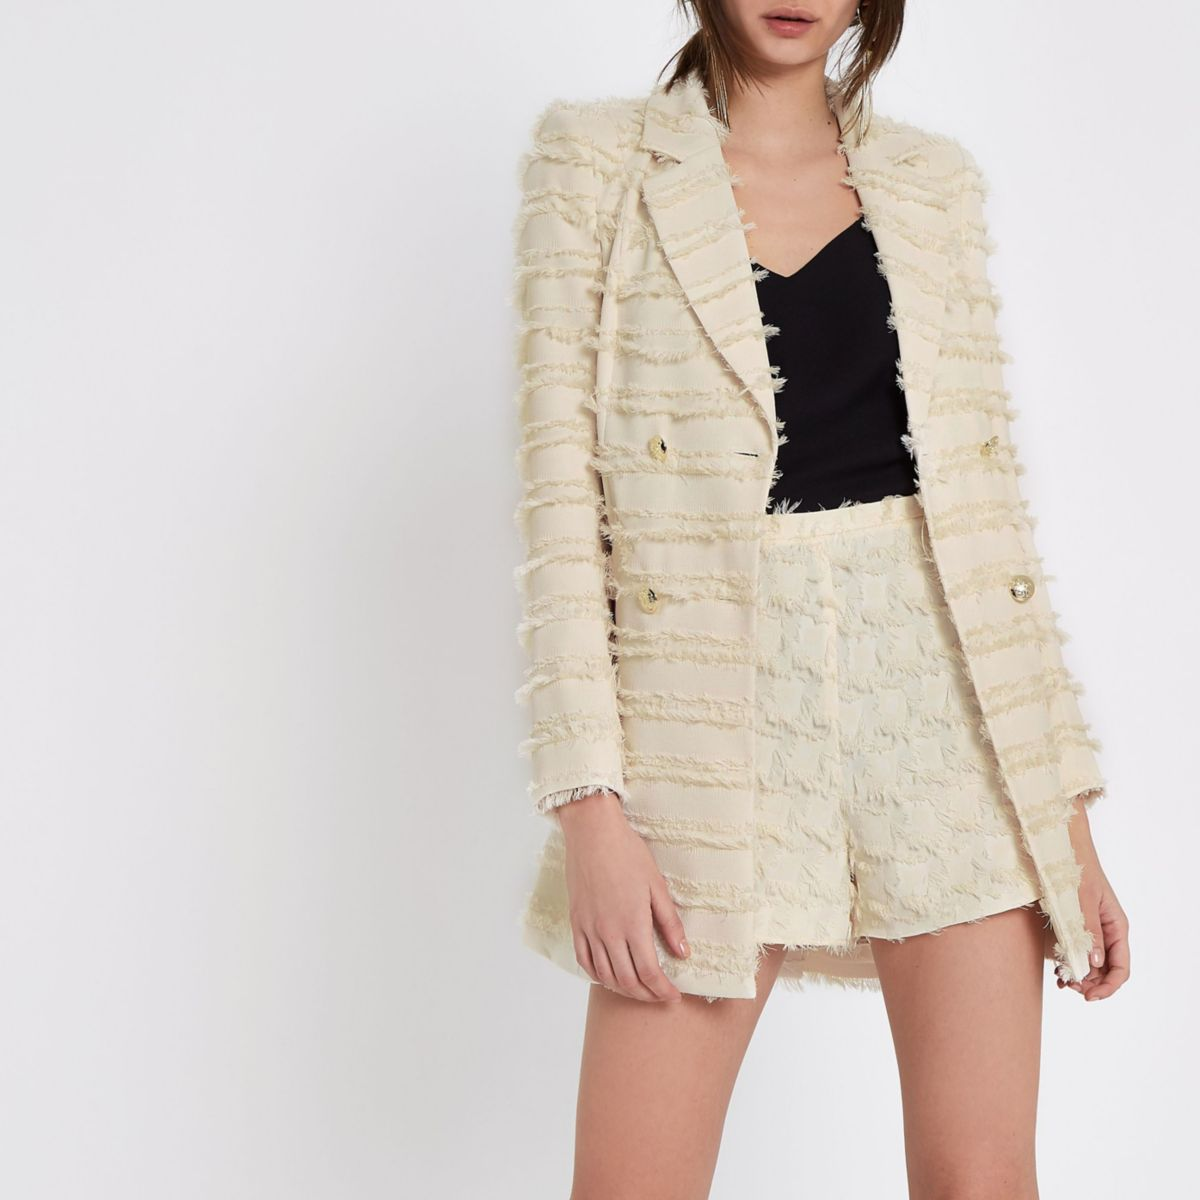 Cream fringed double breasted jacket